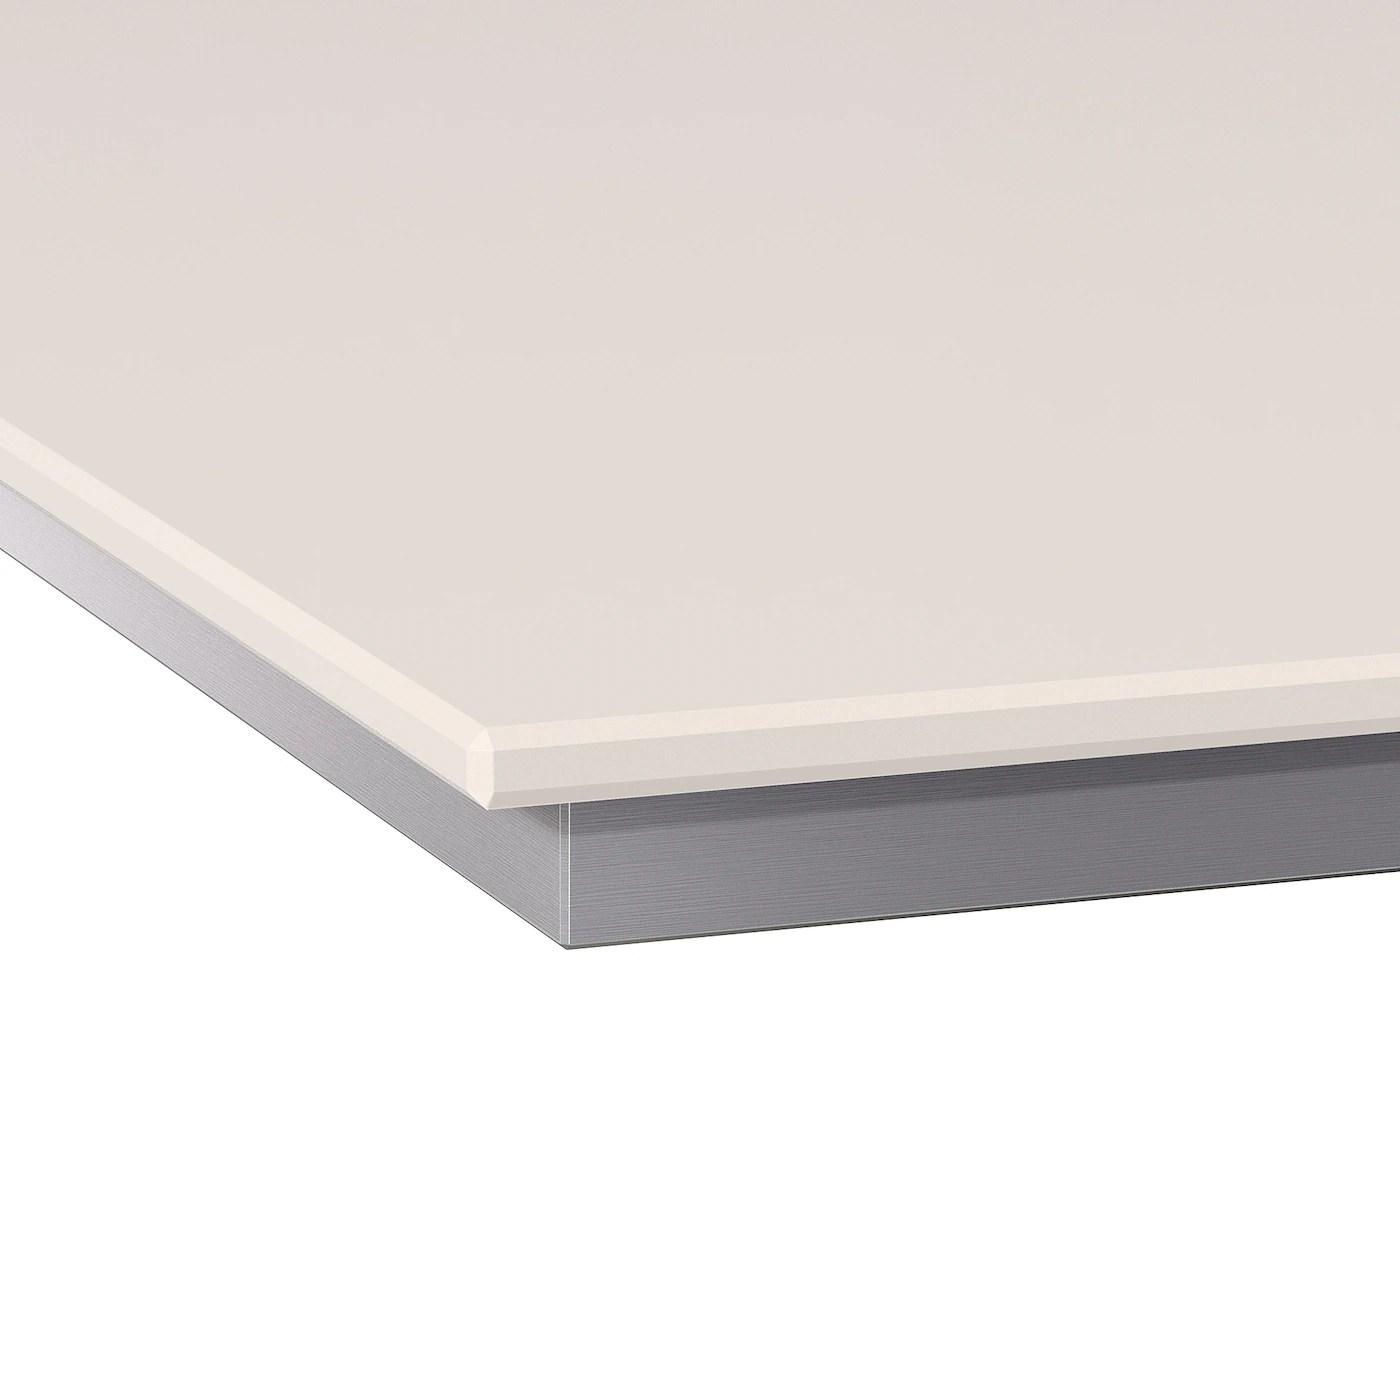 Oxsten Plan De Travail Sur Mesure Blanc Quartz 63 6 125x3 8 Cm Ikea